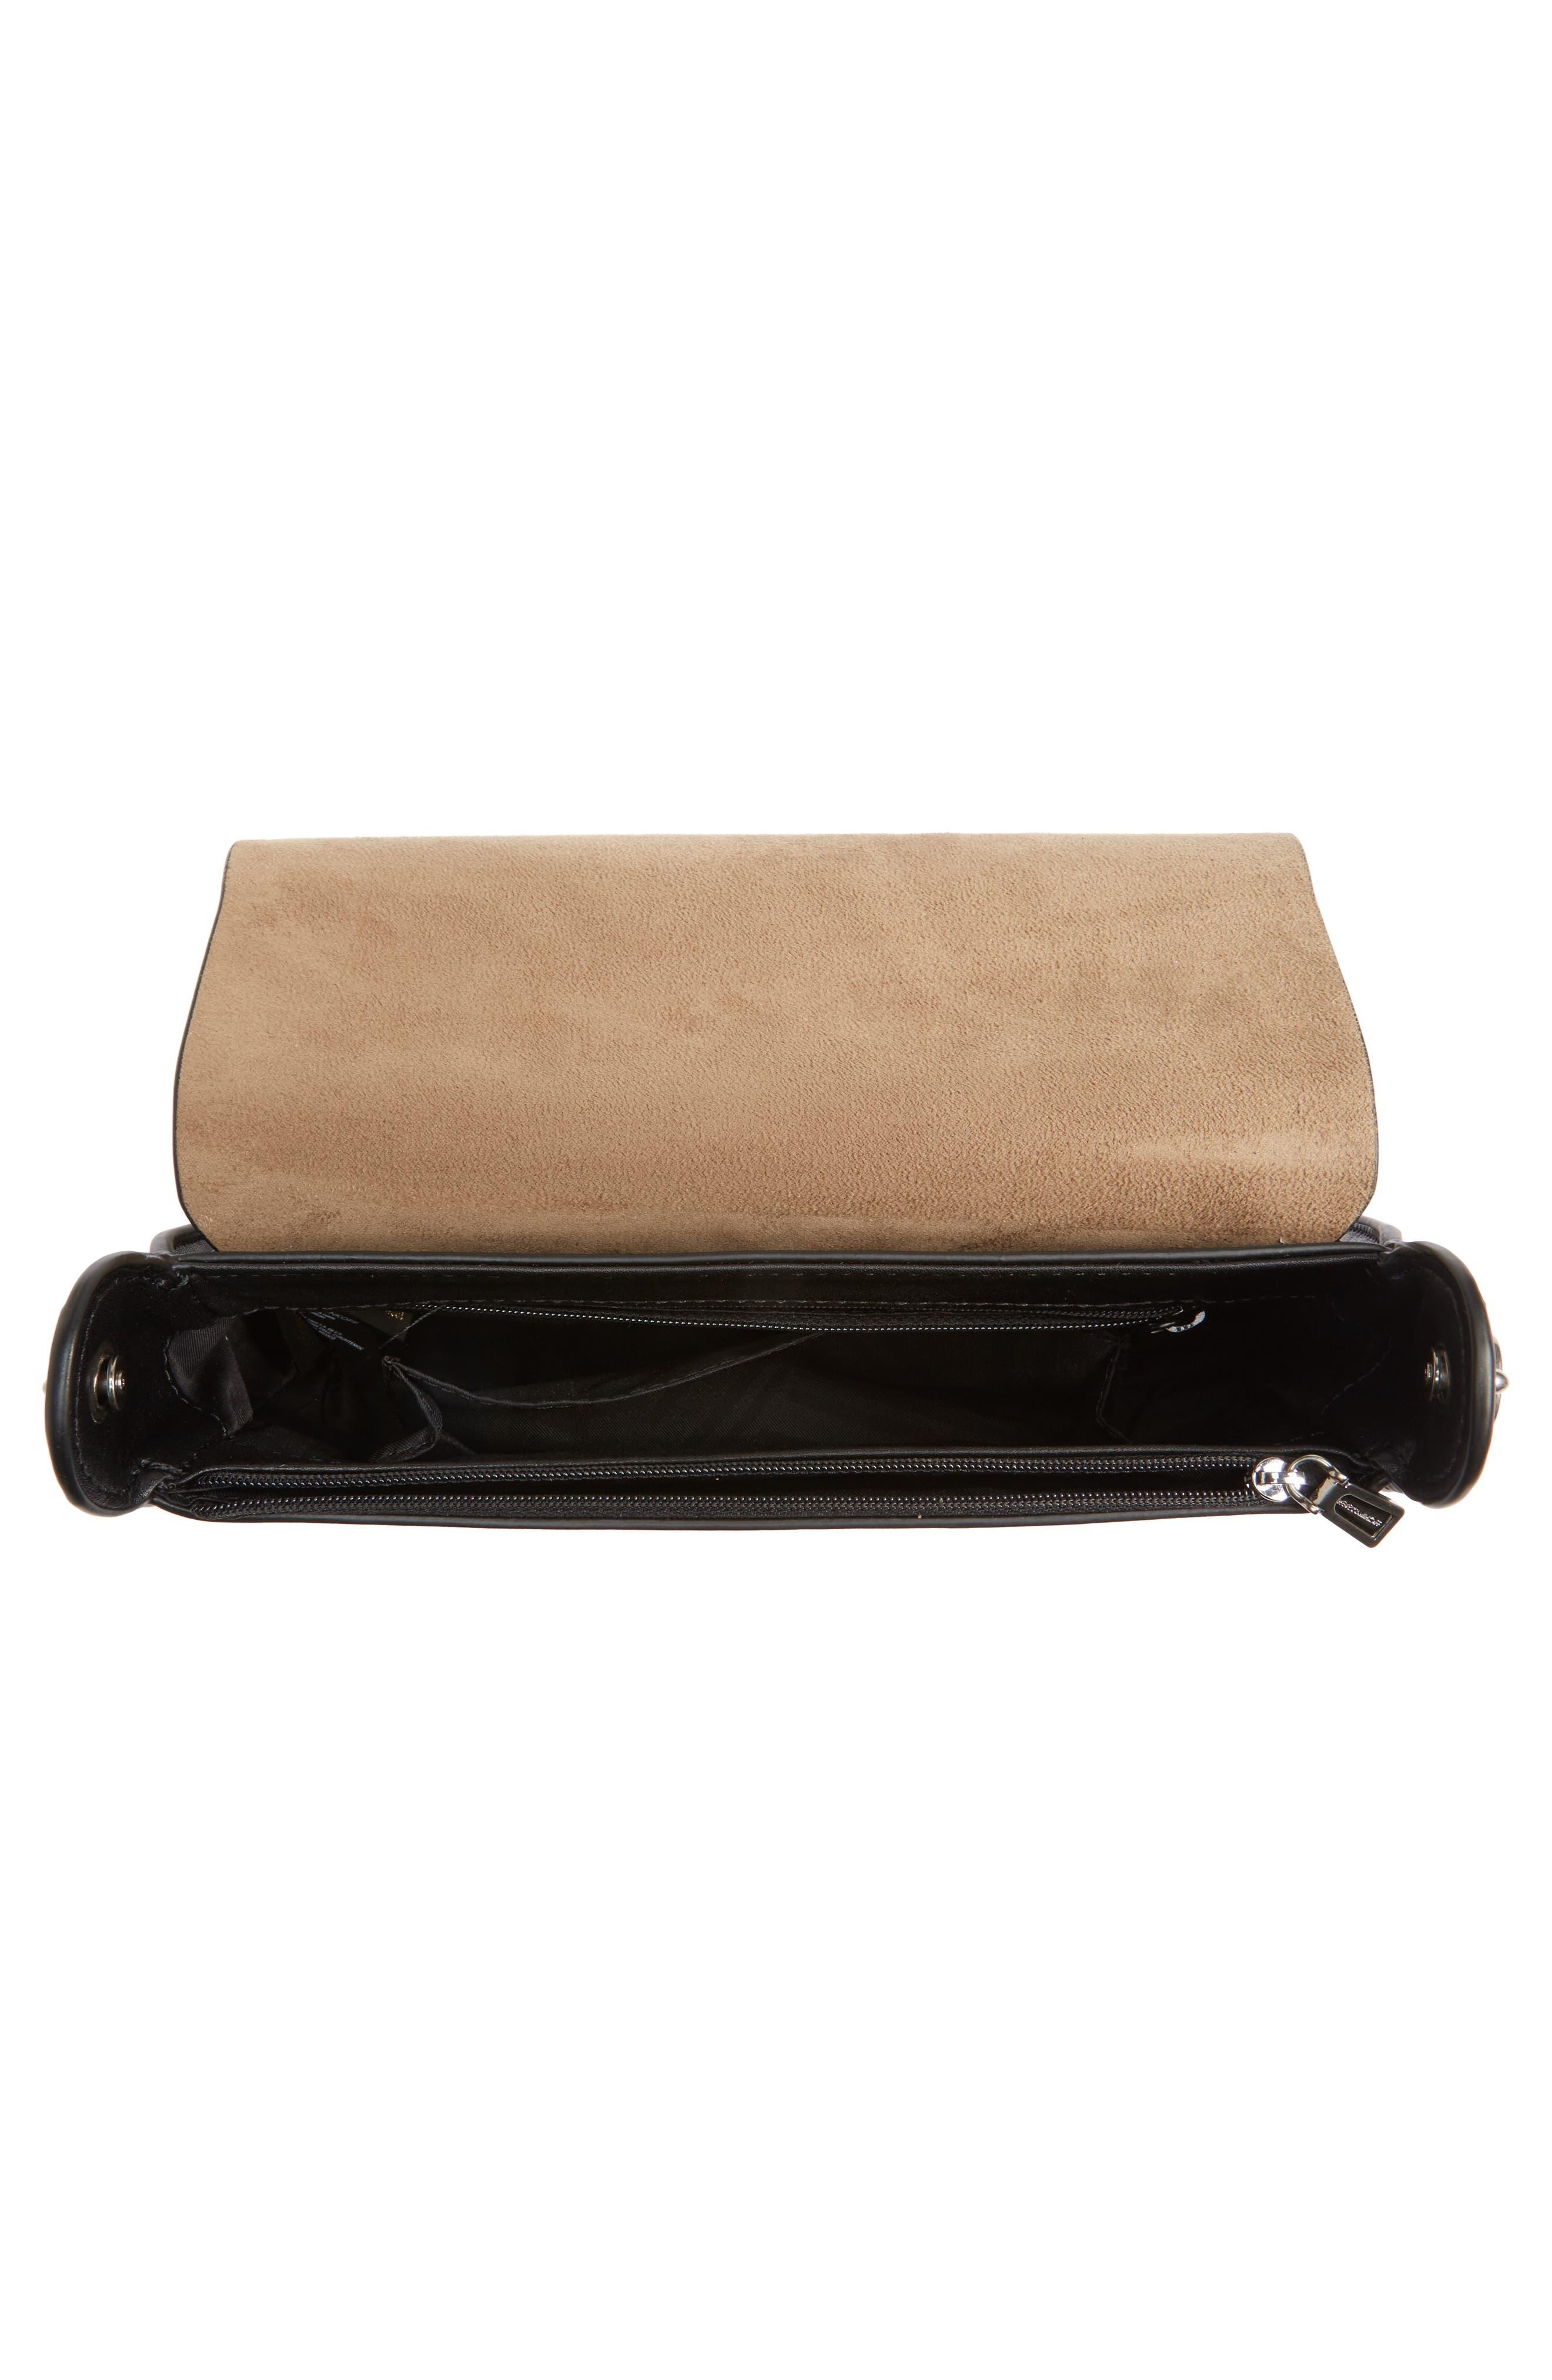 Ring Leather Shoulder Bag,                             Alternate thumbnail 4, color,                             Black